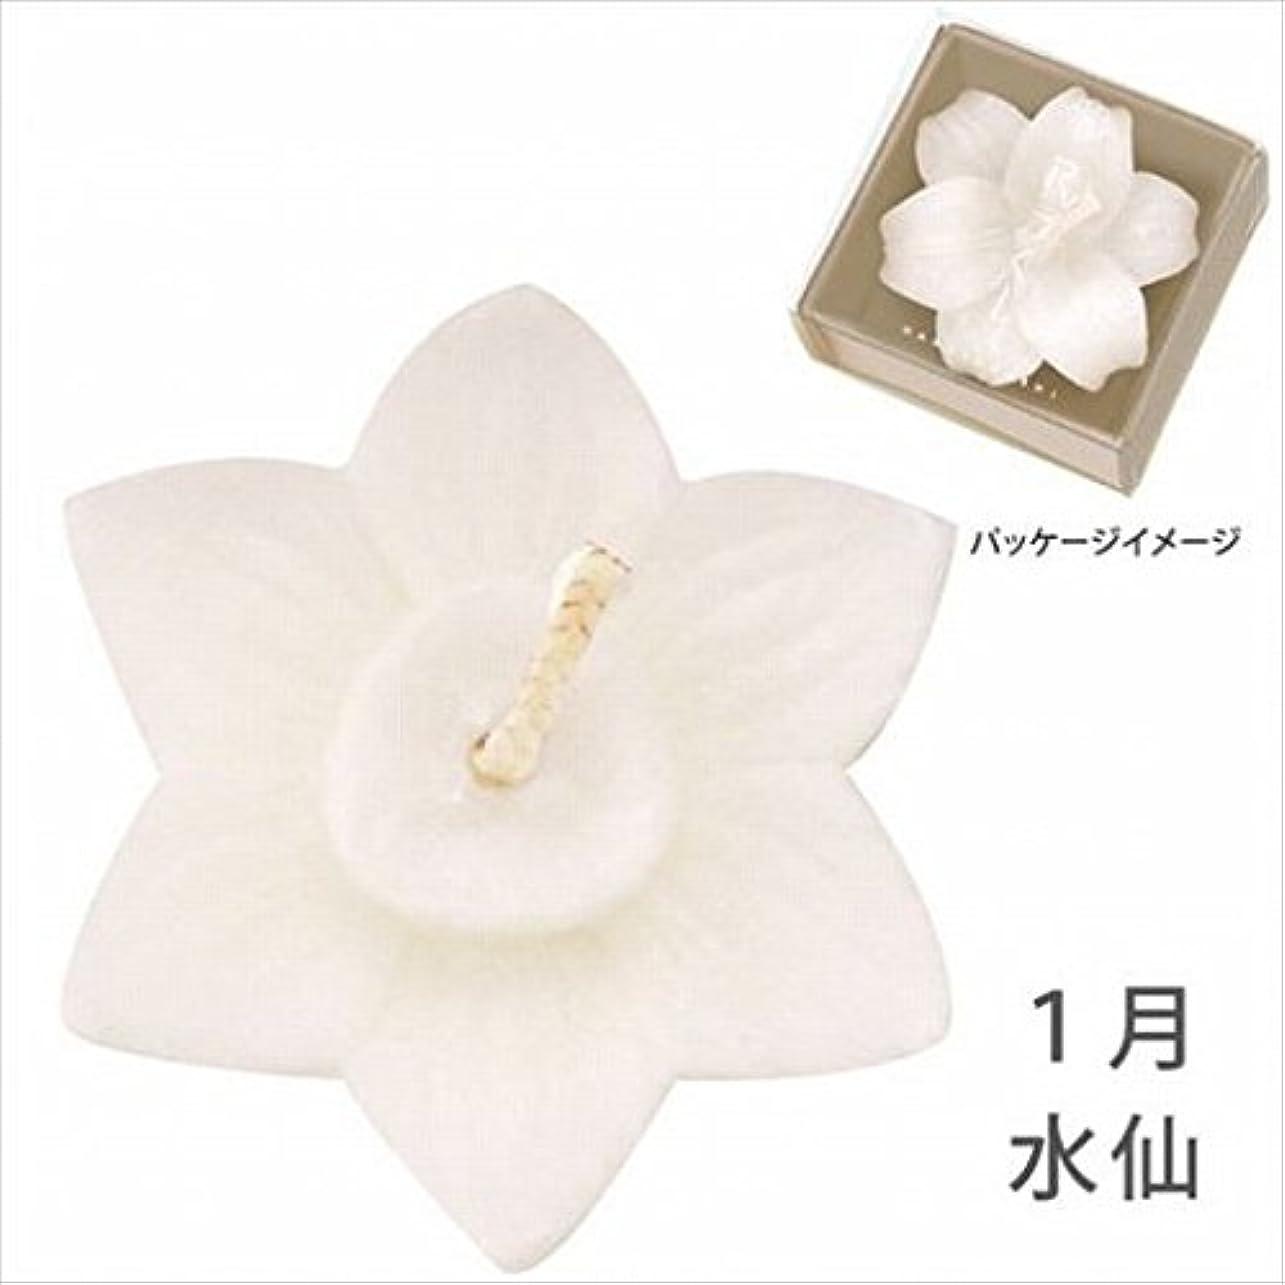 後悔のり歴史家kameyama candle(カメヤマキャンドル) 花づくし(植物性) 水仙 「 水仙(1月) 」 キャンドル(A4620530)